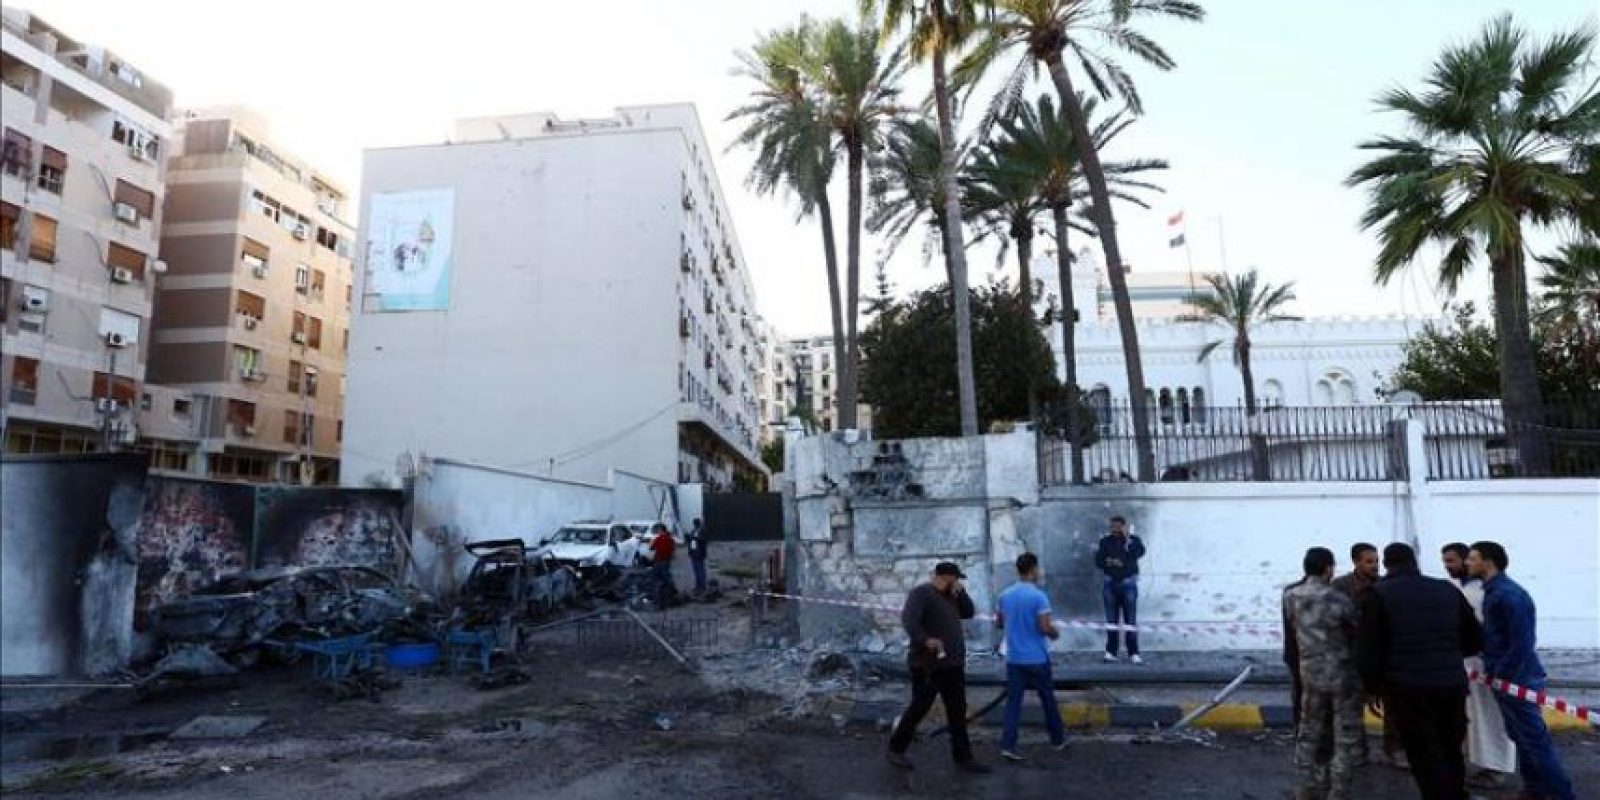 Miembros de los servicios de seguridad inspeccionan la escena tras la explosión hoy de dos coches cerca de la Embajada de Egipto en Trípoli (Libia). Dos coches bomba estallaron esta madrugada en Trípoli cerca de las embajadas de Egipto y Emiratos Árabes Unidos sin causar víctimas mortales, informaron a Efe fuentes de seguridad de la capital libia. EFE